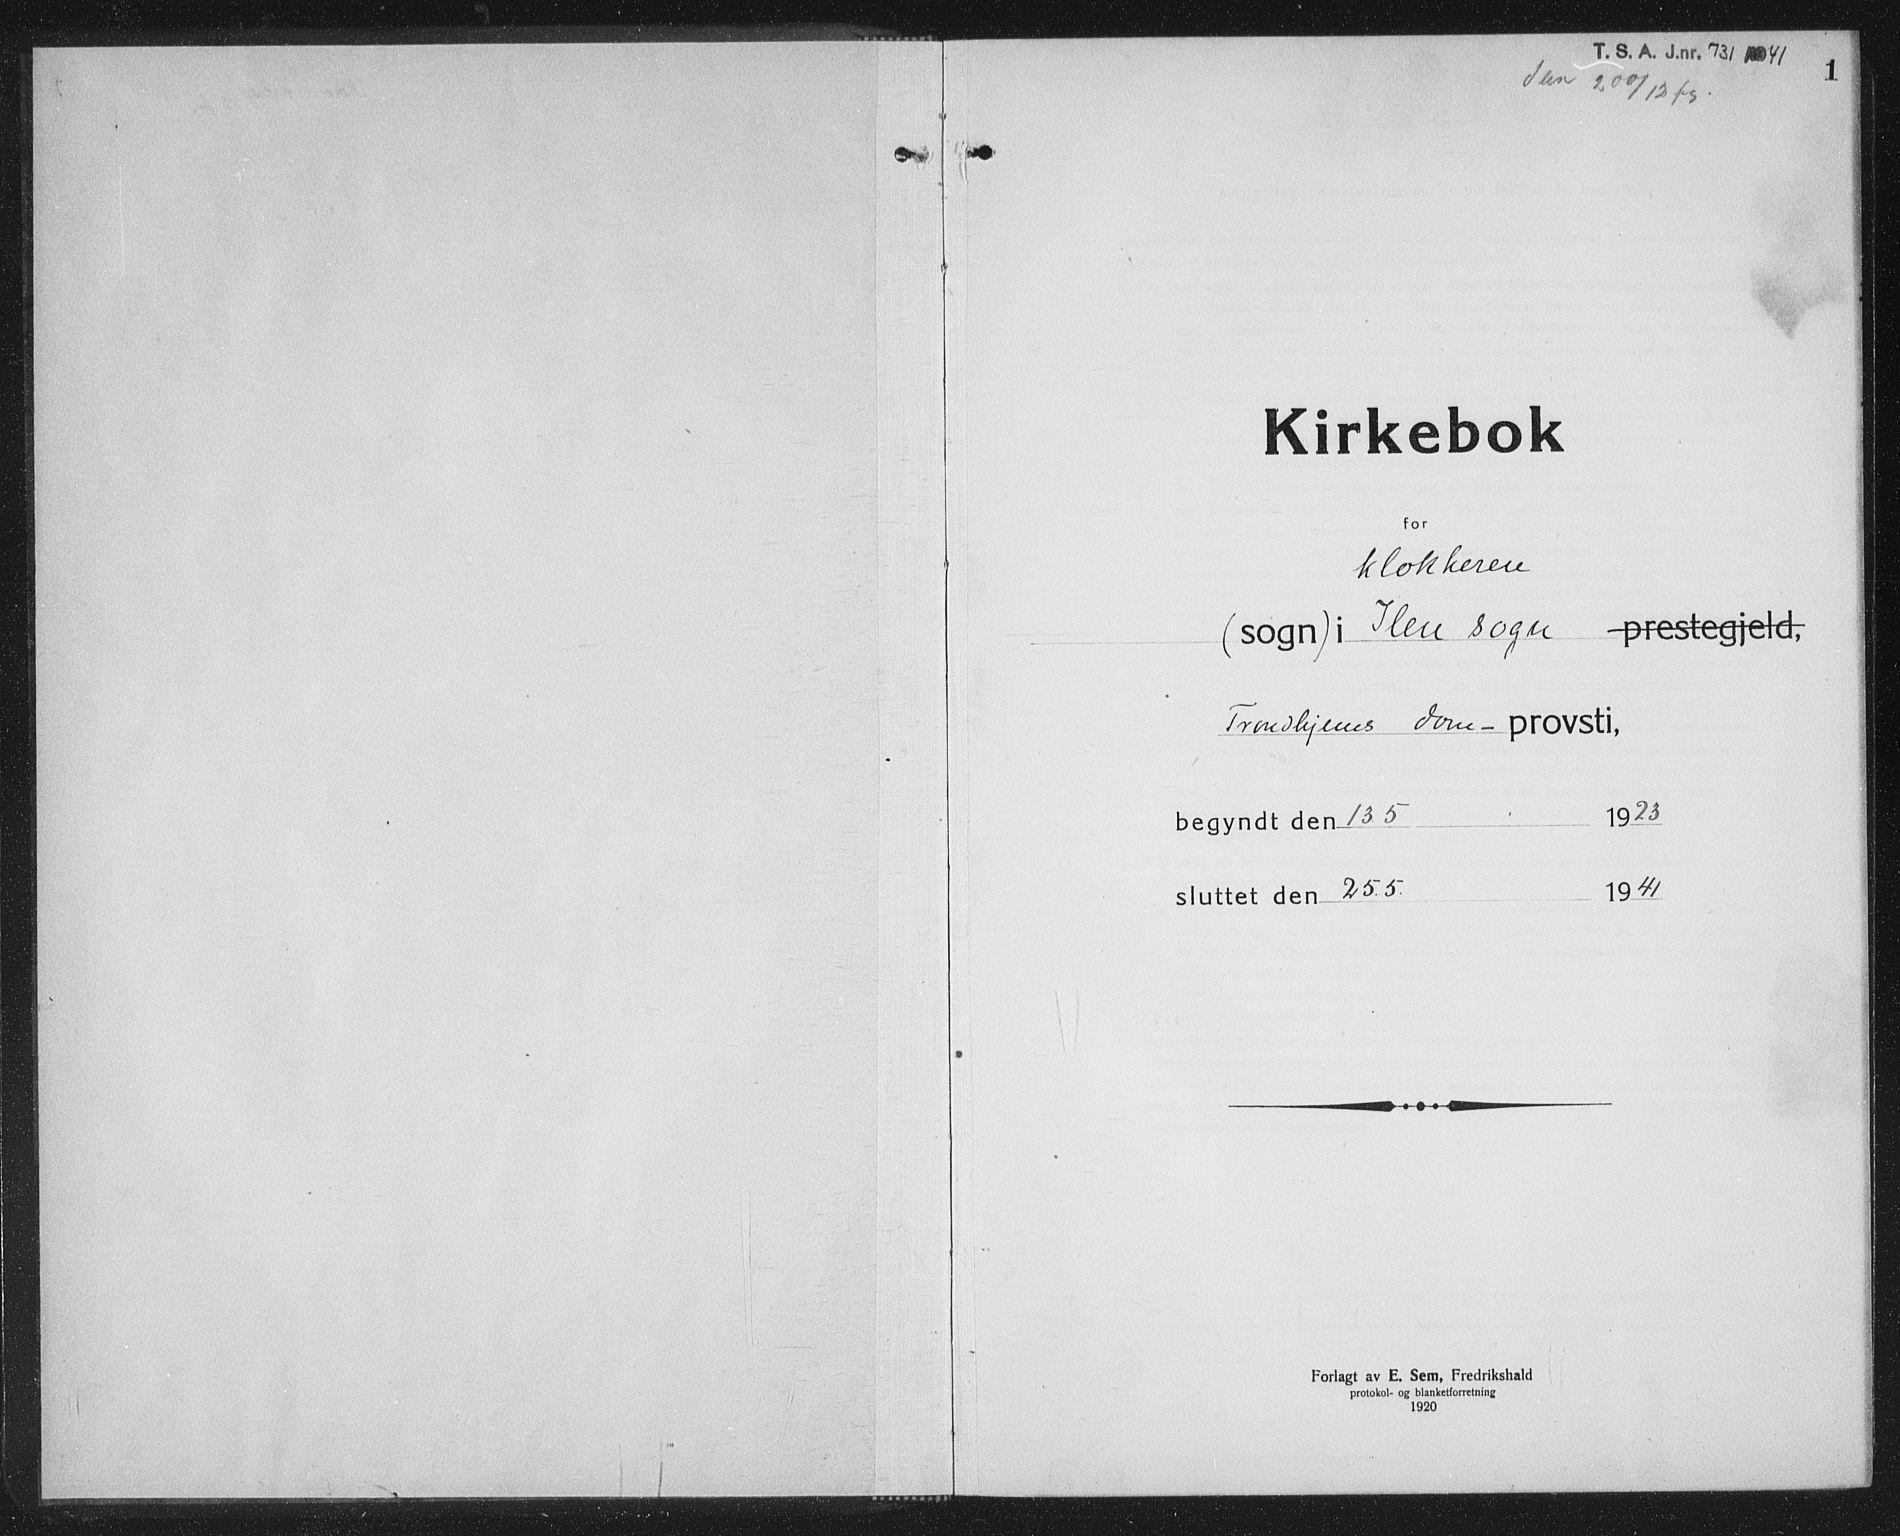 SAT, Ministerialprotokoller, klokkerbøker og fødselsregistre - Sør-Trøndelag, 603/L0175: Klokkerbok nr. 603C03, 1923-1941, s. 1